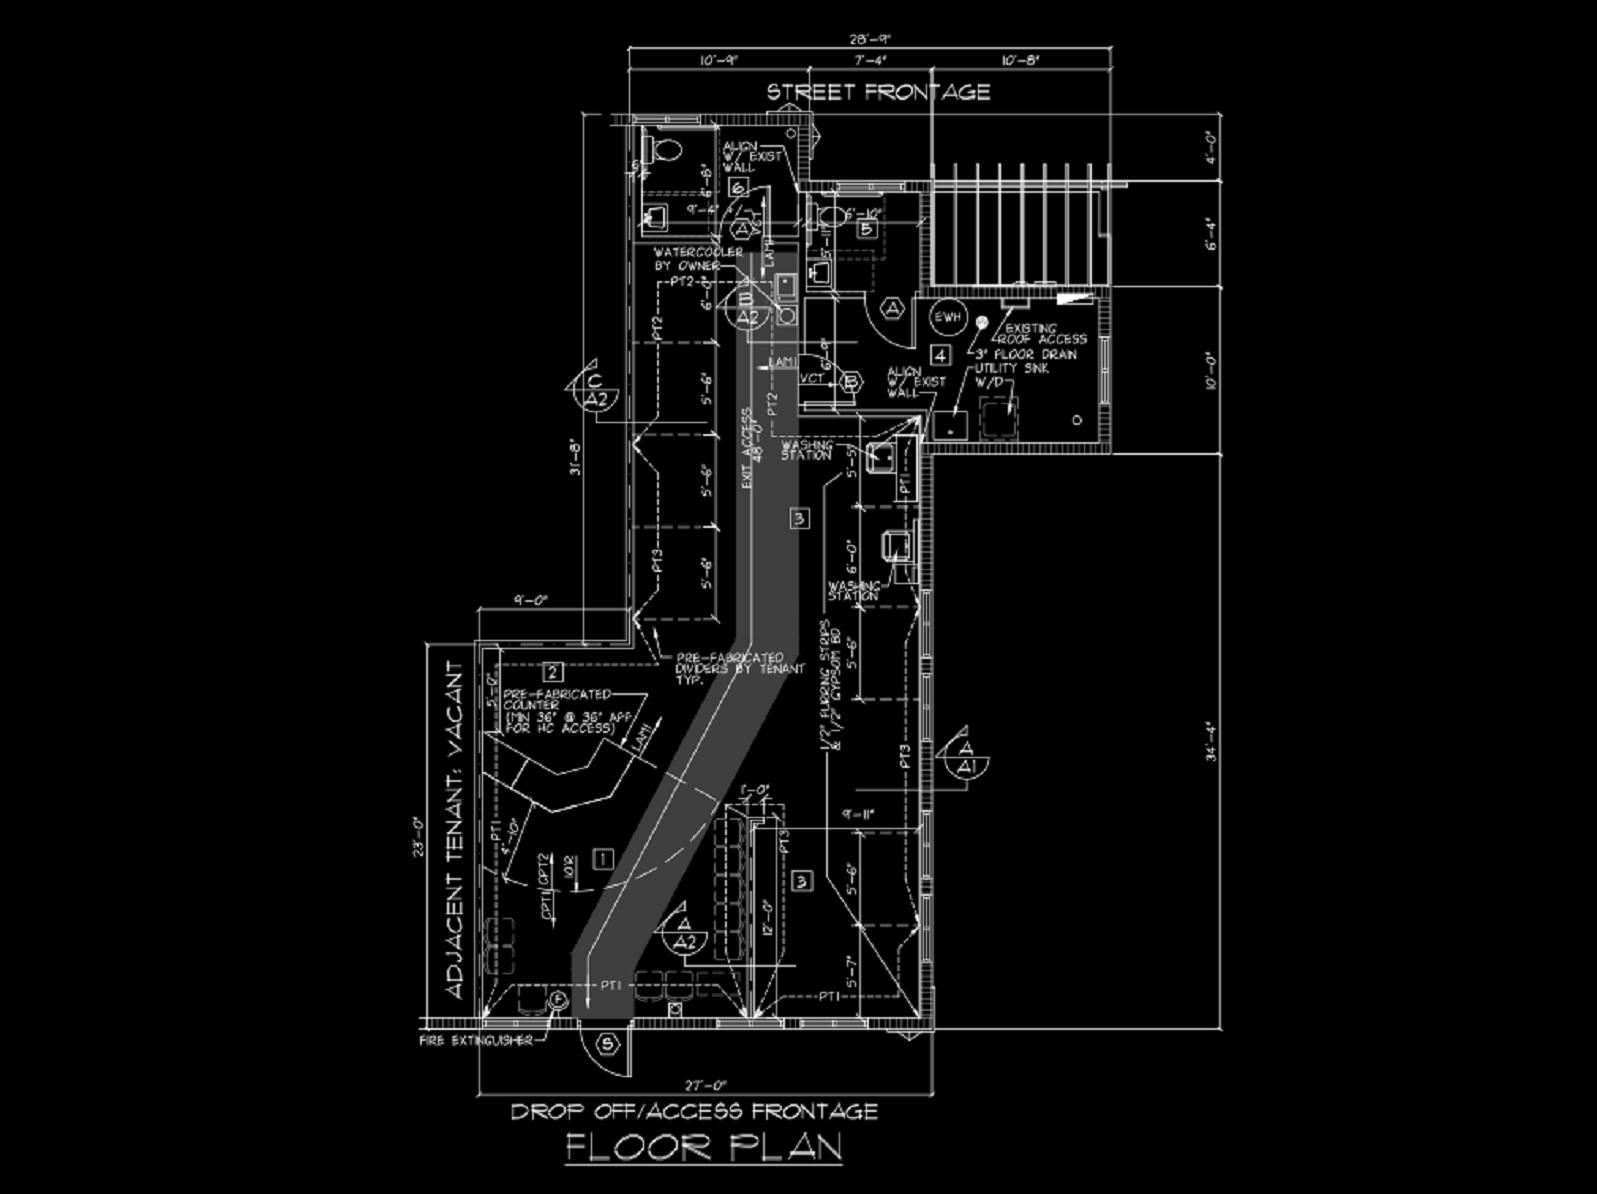 8 Great Clips Floor Plan